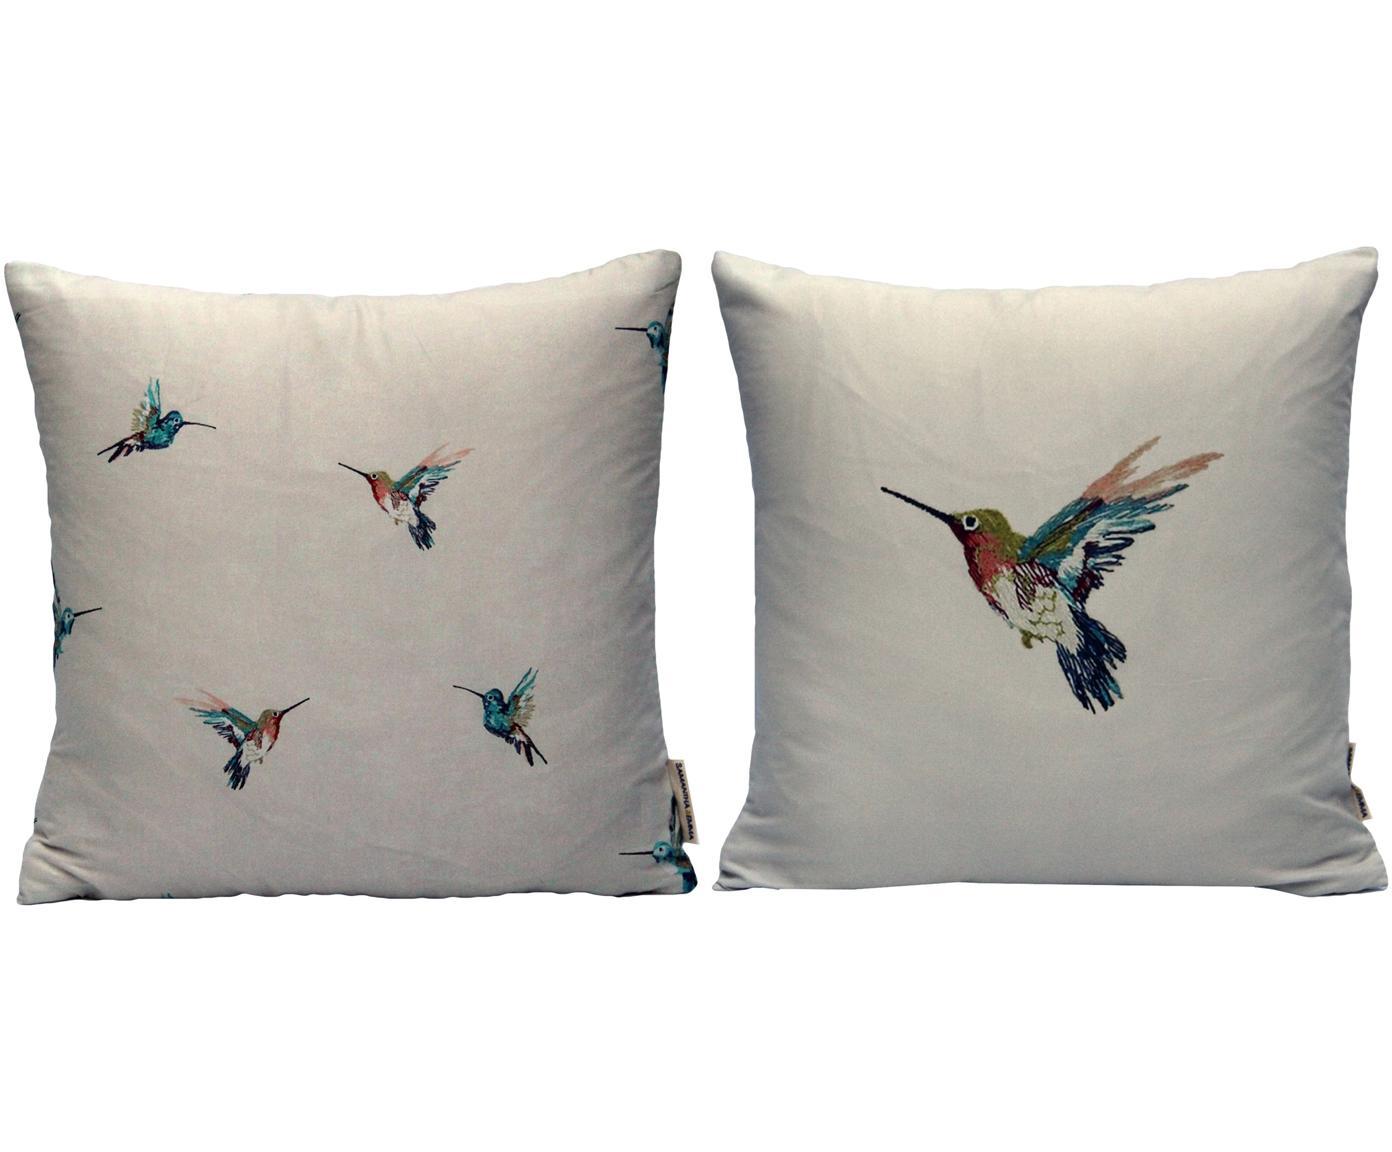 Kissenhüllen-Set Joanna mit Kolibrimotiv, 2-tlg., 100% Polyester, Mehrfarbig, 40 x 40 cm